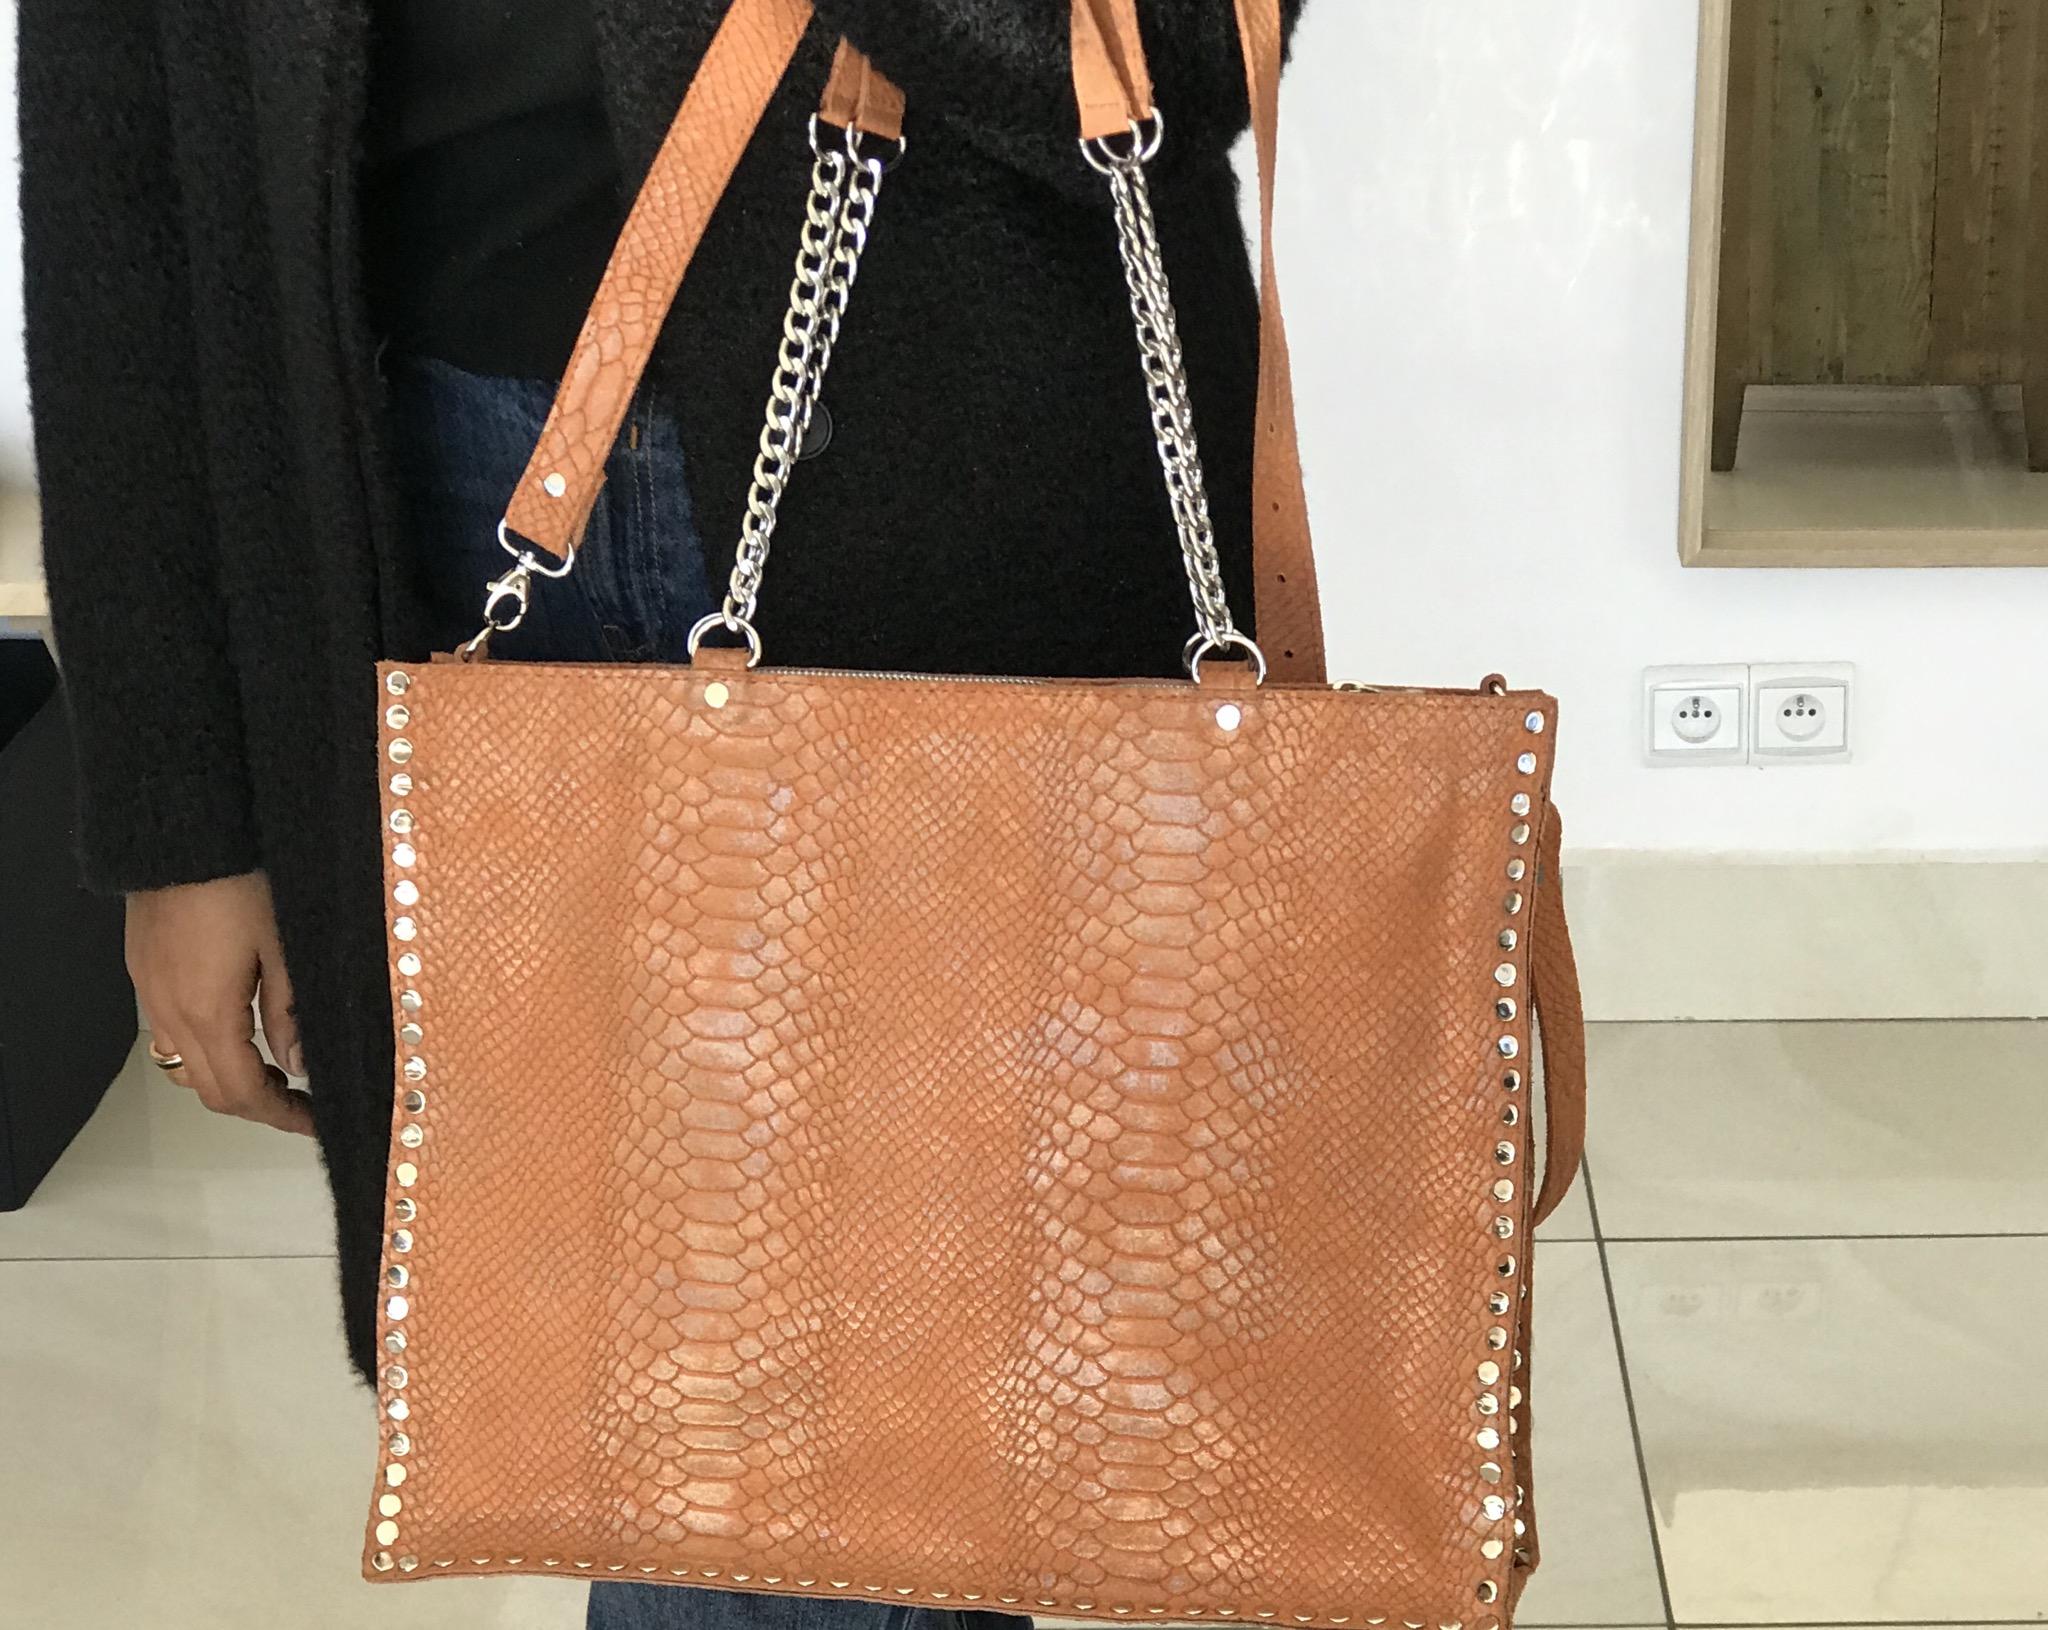 Big bag cabas leather orange silver studded